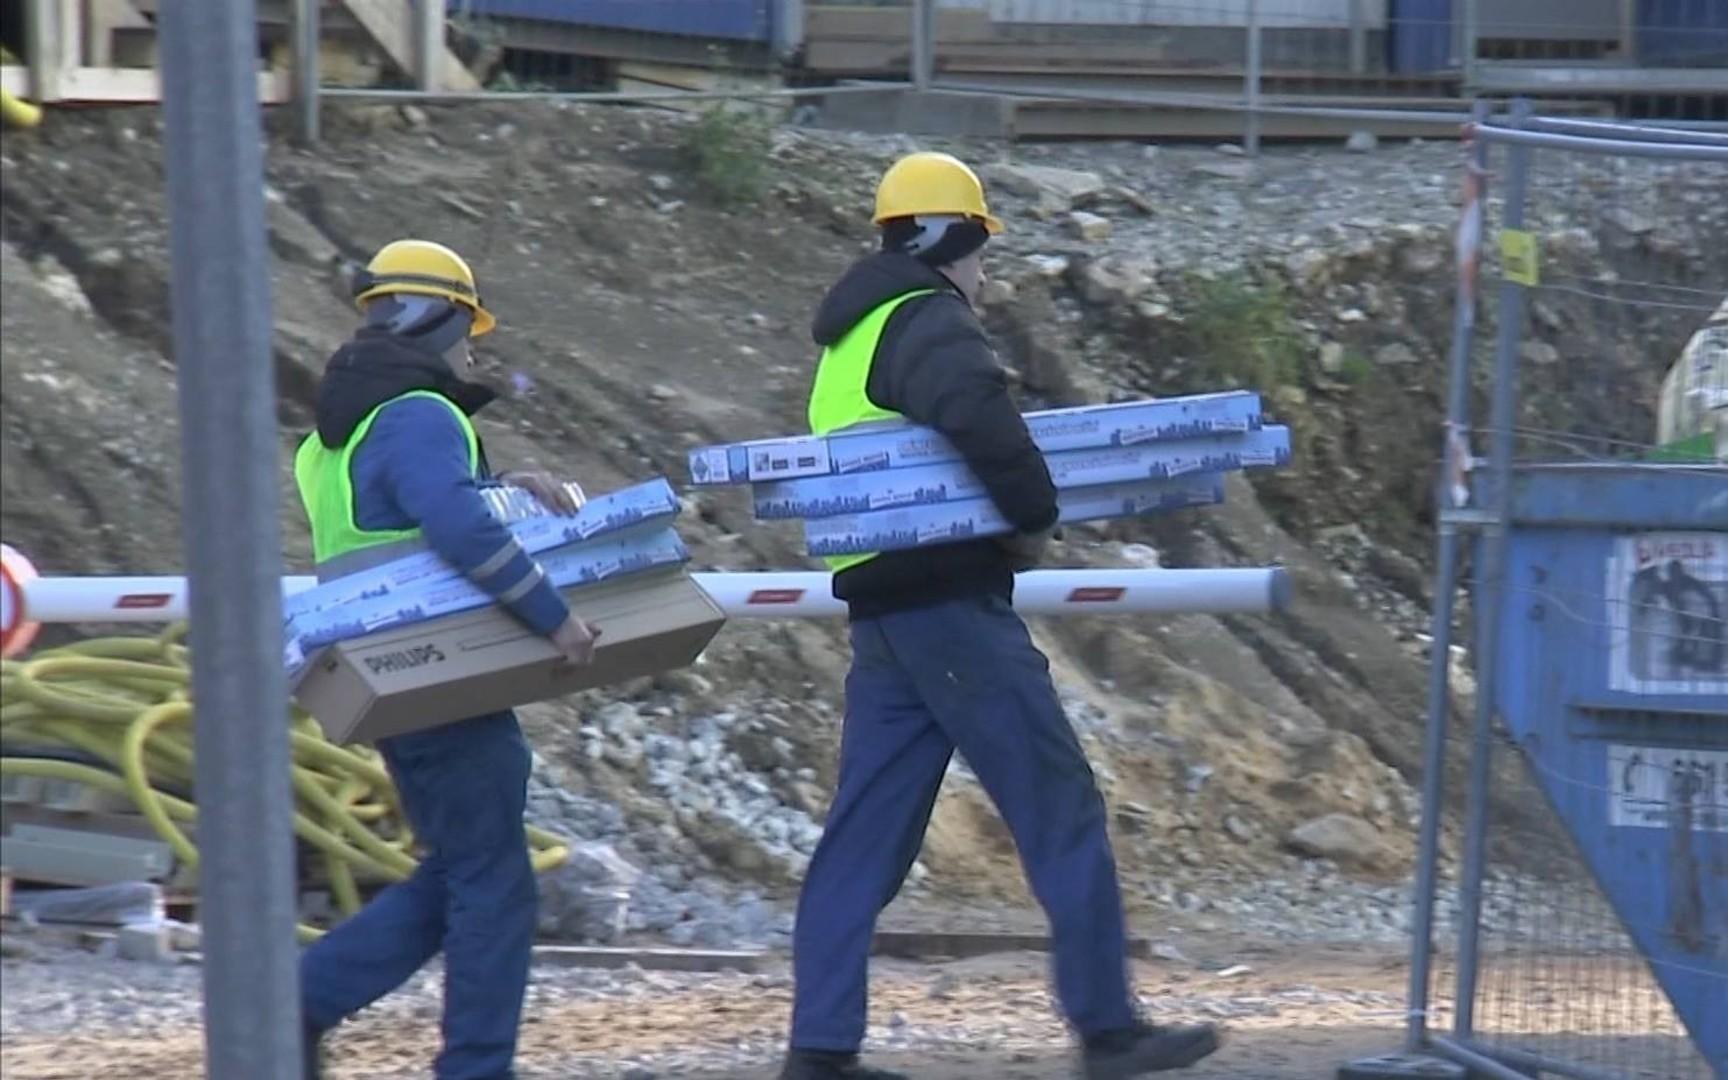 Эстония, вид на жительство, миграционные квоты, иностранные рабочие